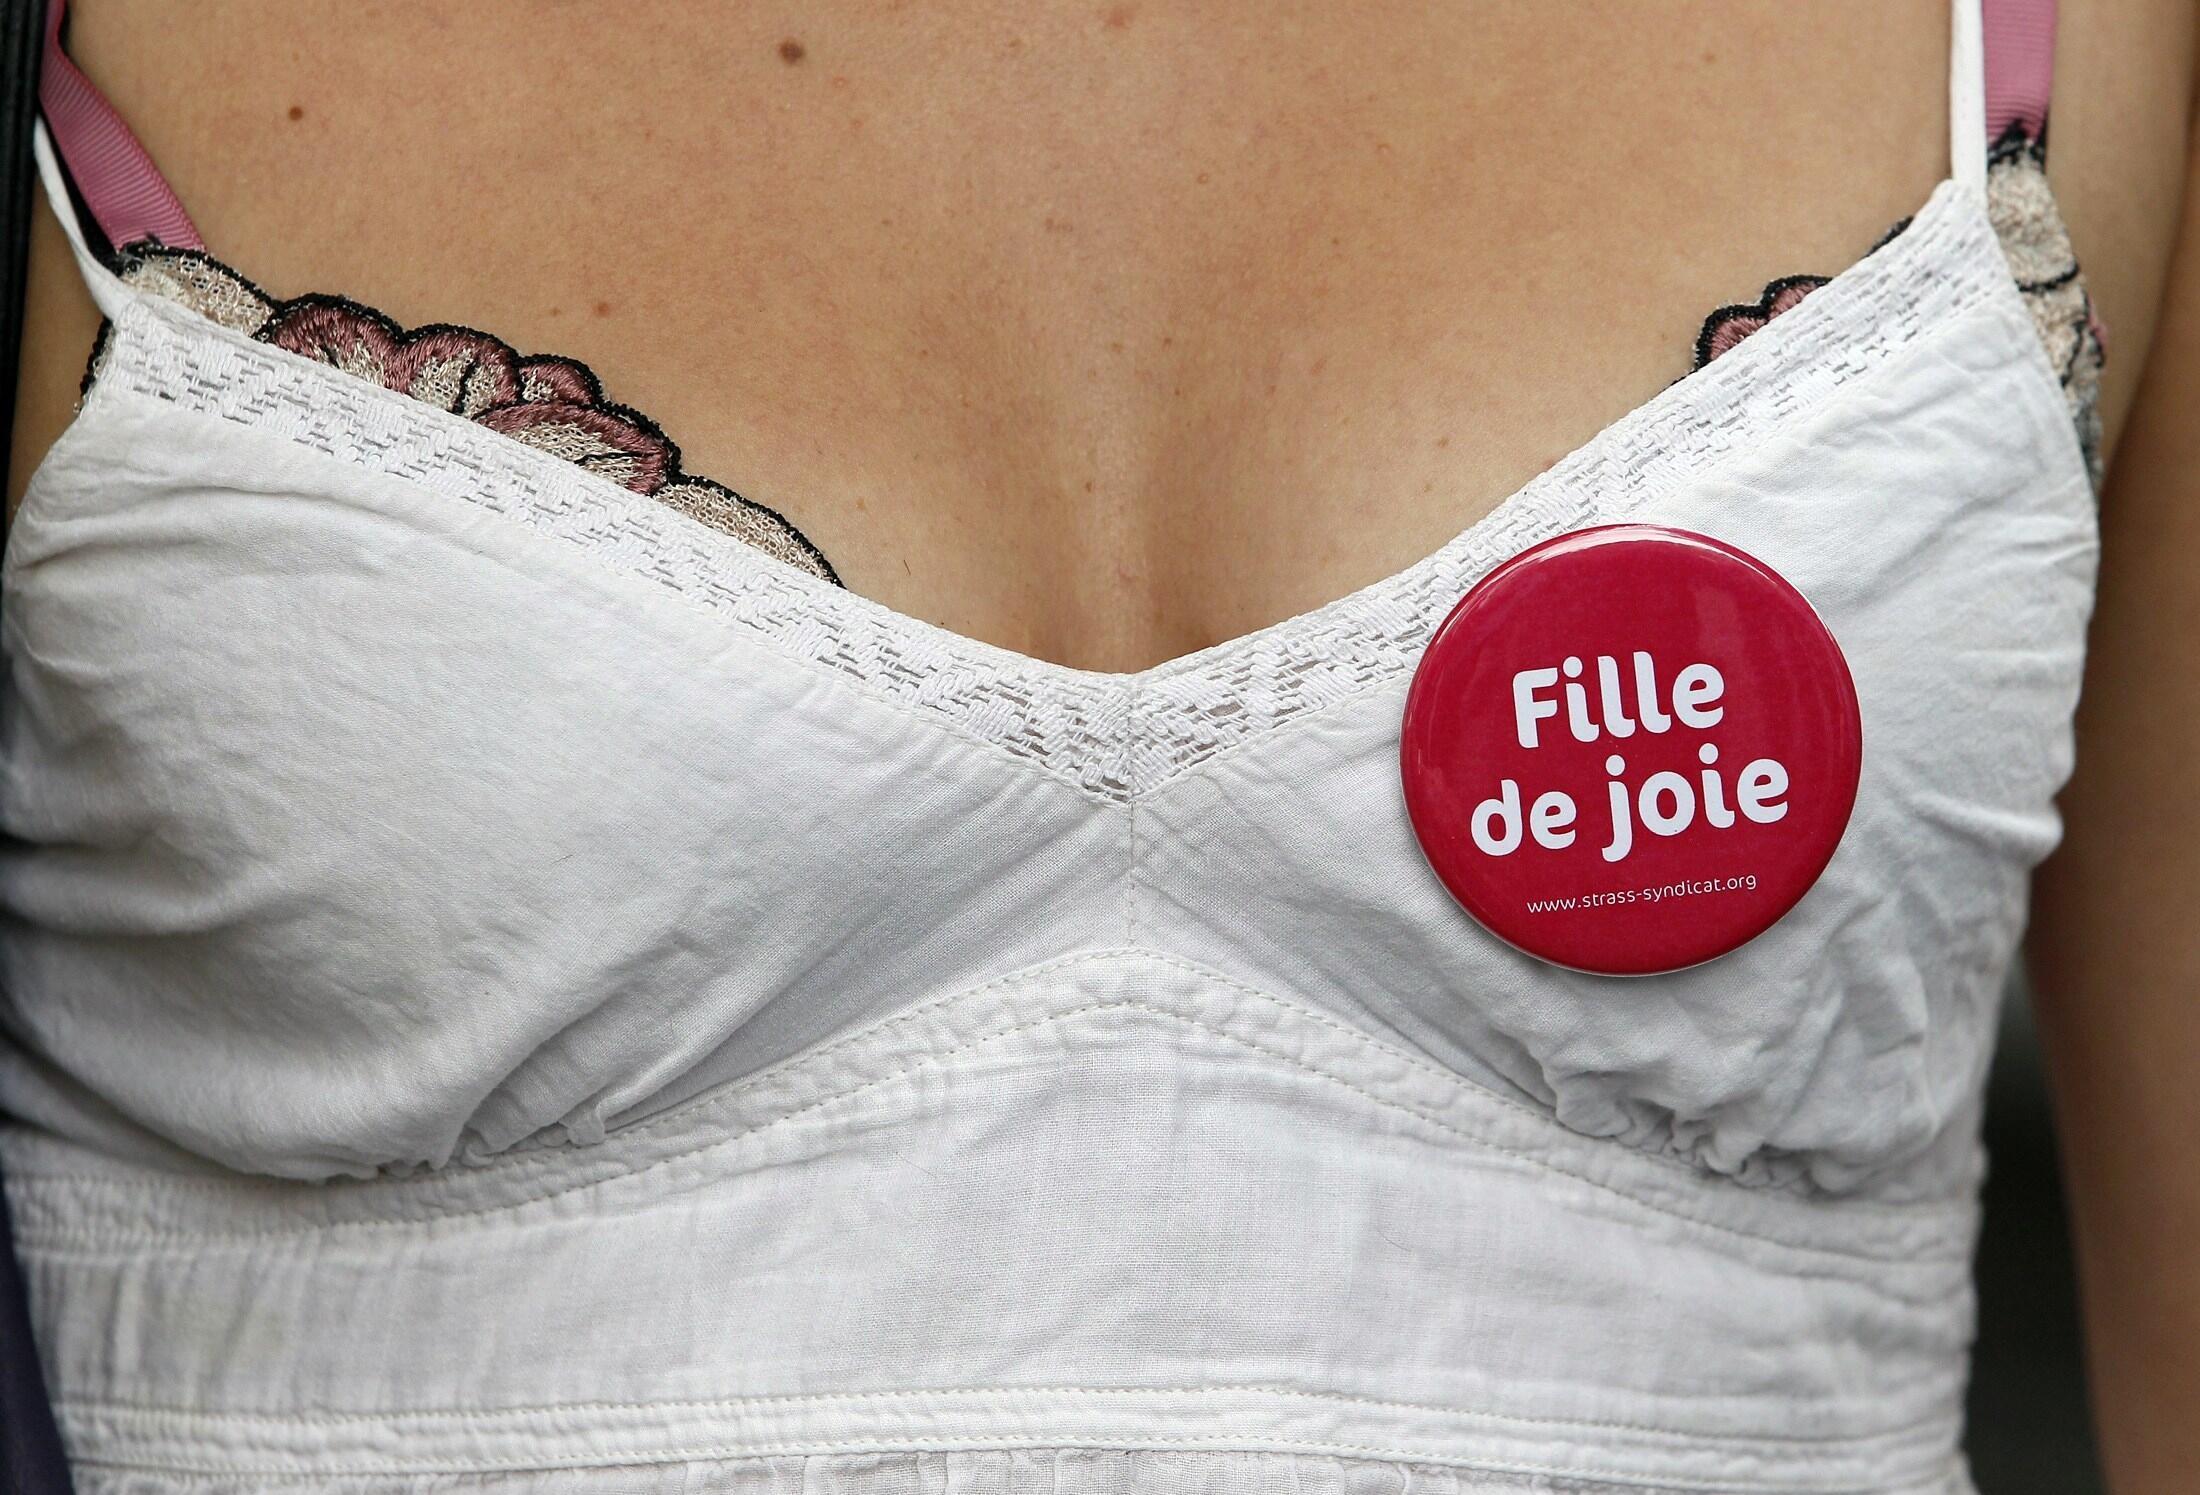 Gái mãi dâm biểu tình ở Paris đòi quyền được hành nghề - REUTERS /Regis Duvignau